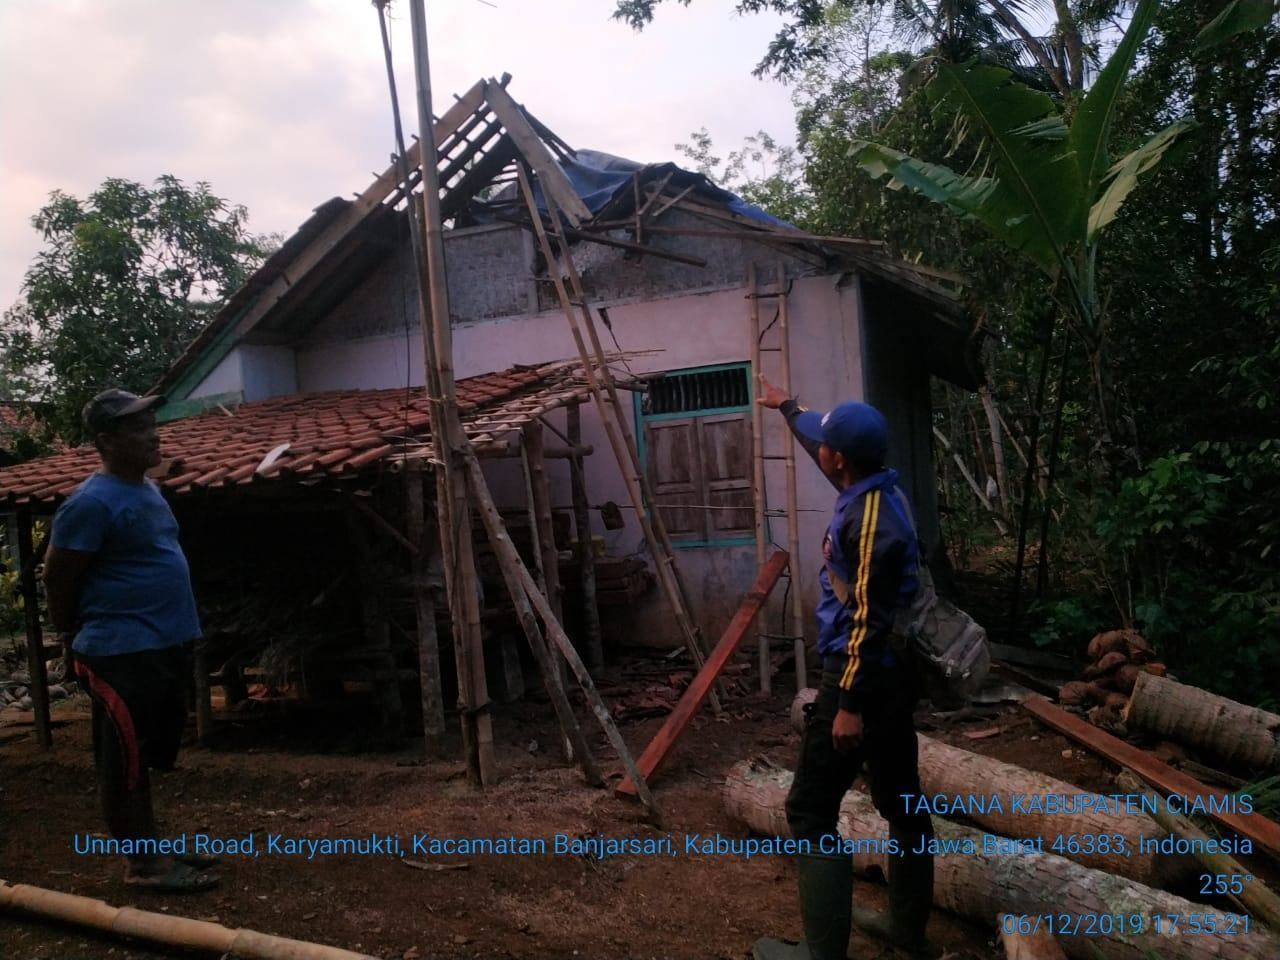 Hujan di Ciamis, Puluhan Rumah Warga Rusak